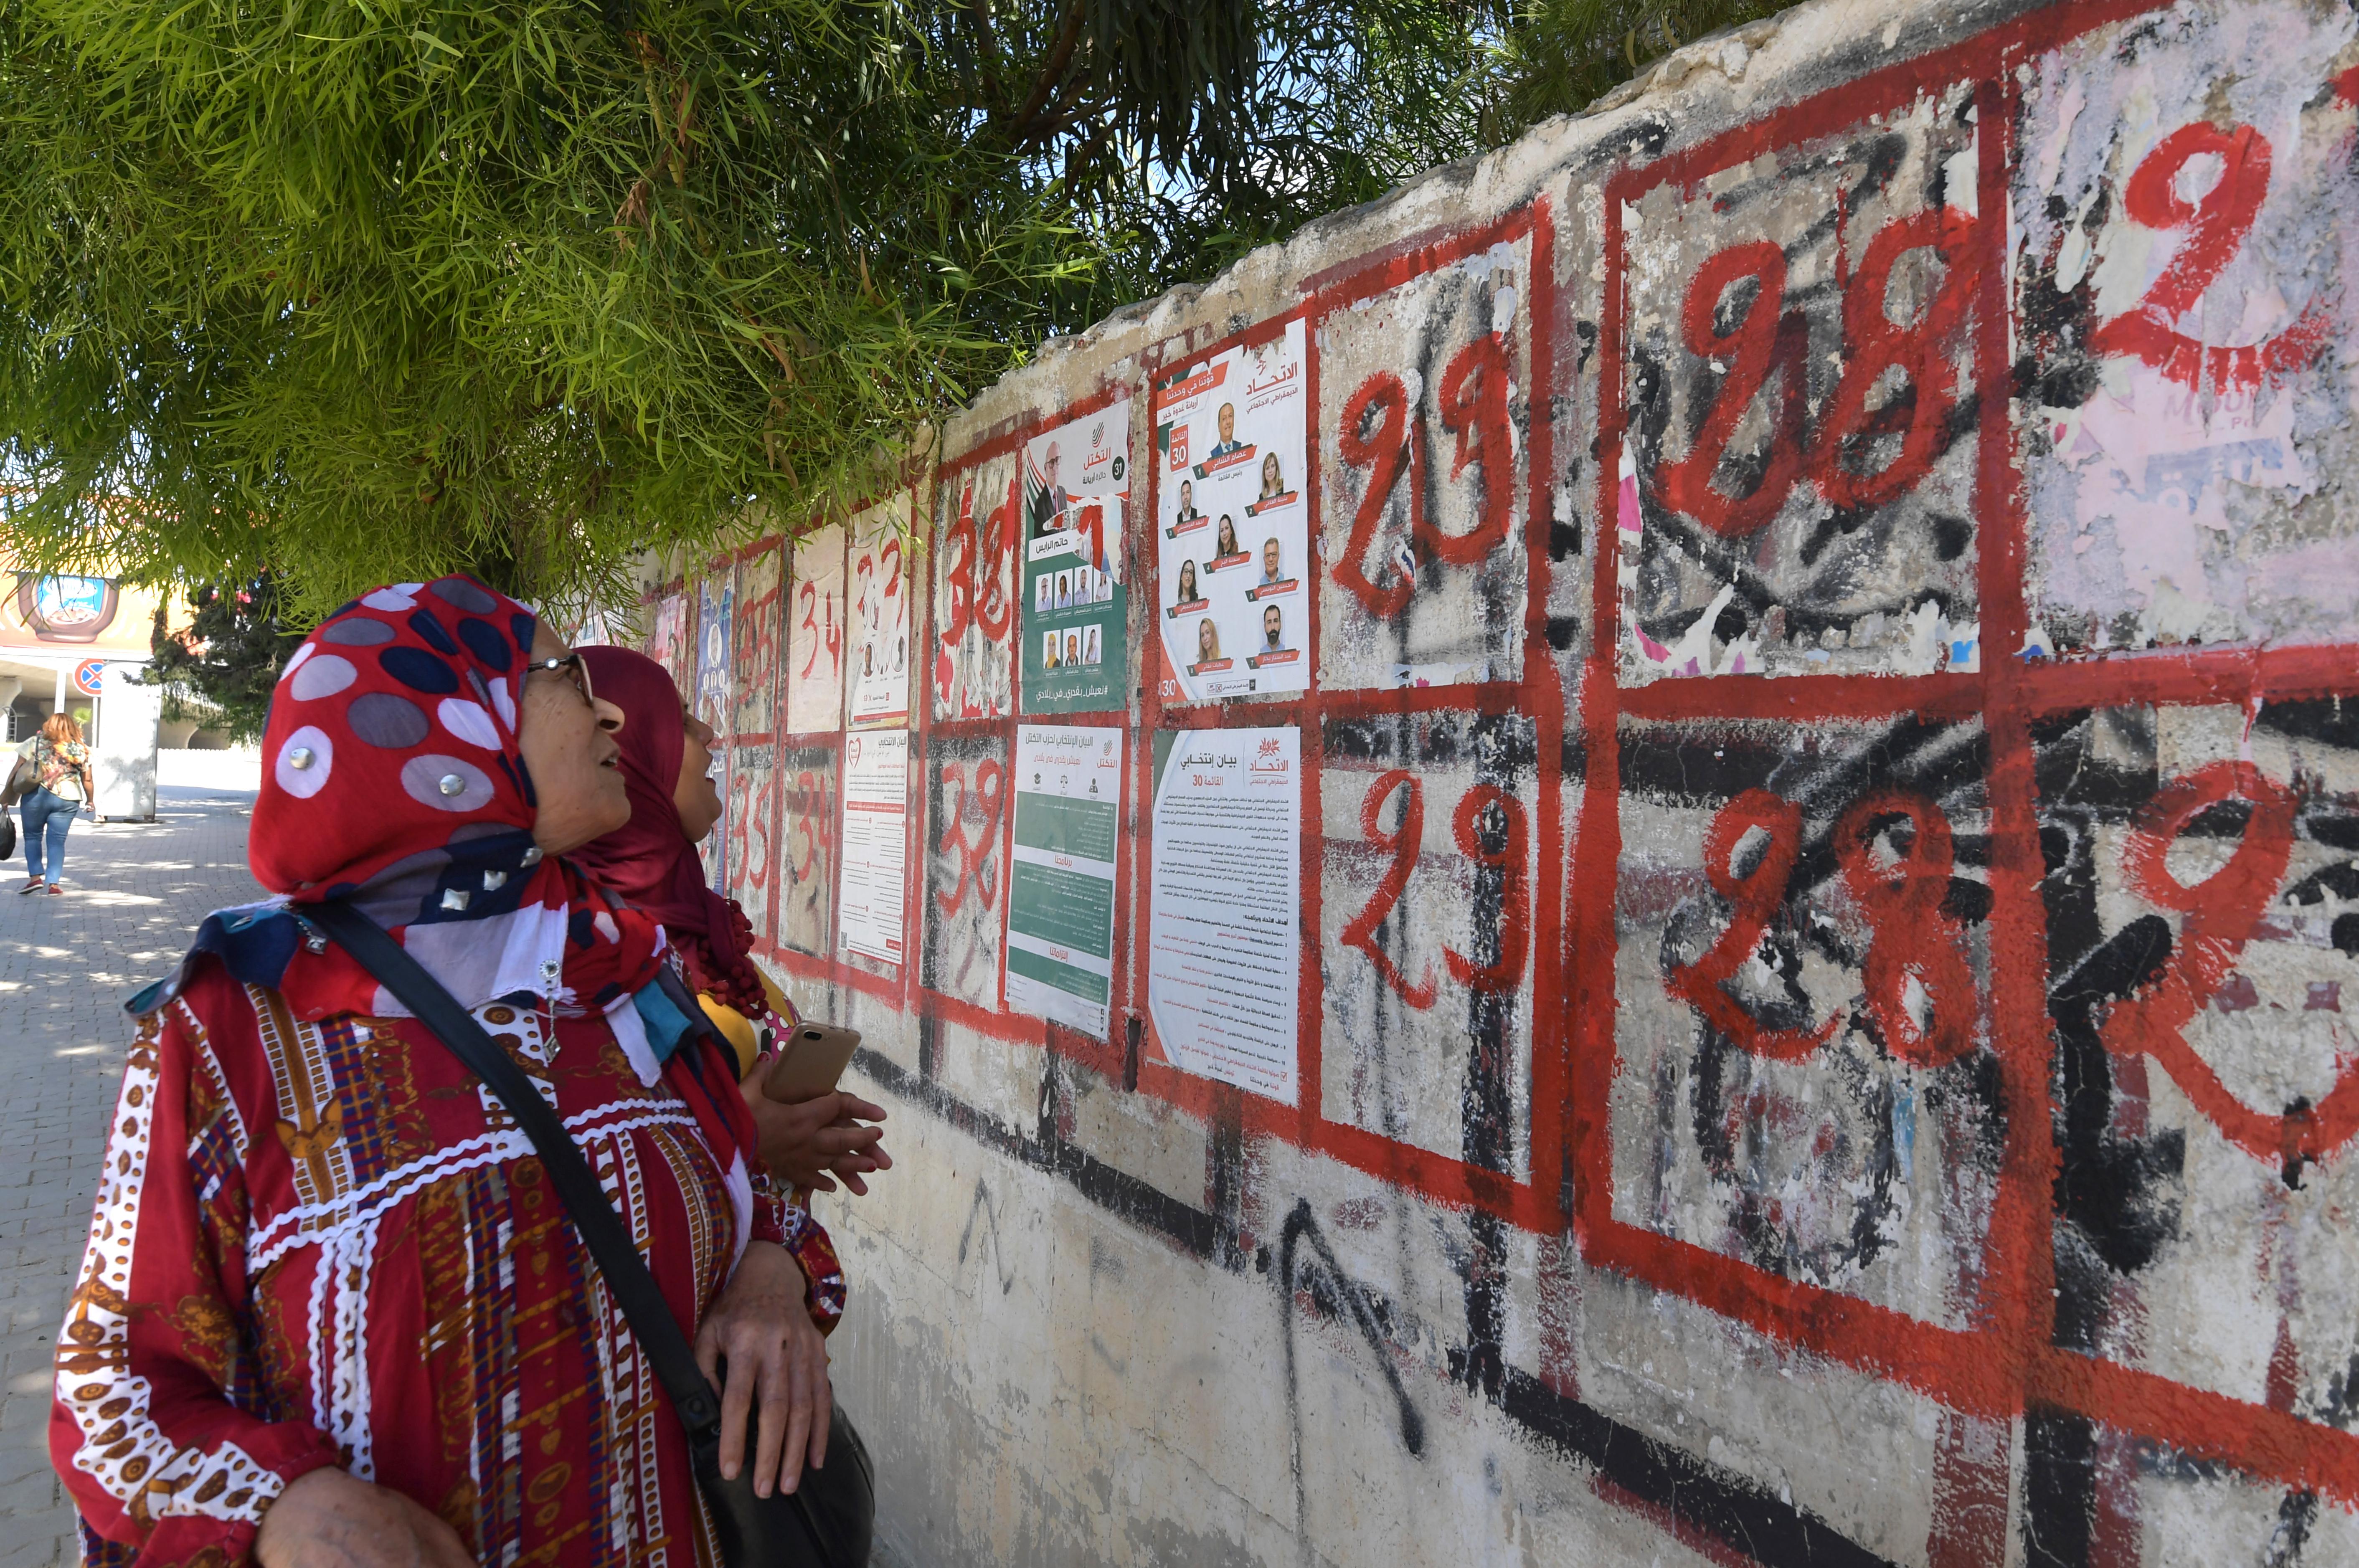 تونسيات تنظرن إلى دعايات ووعود انتخابية على جدار